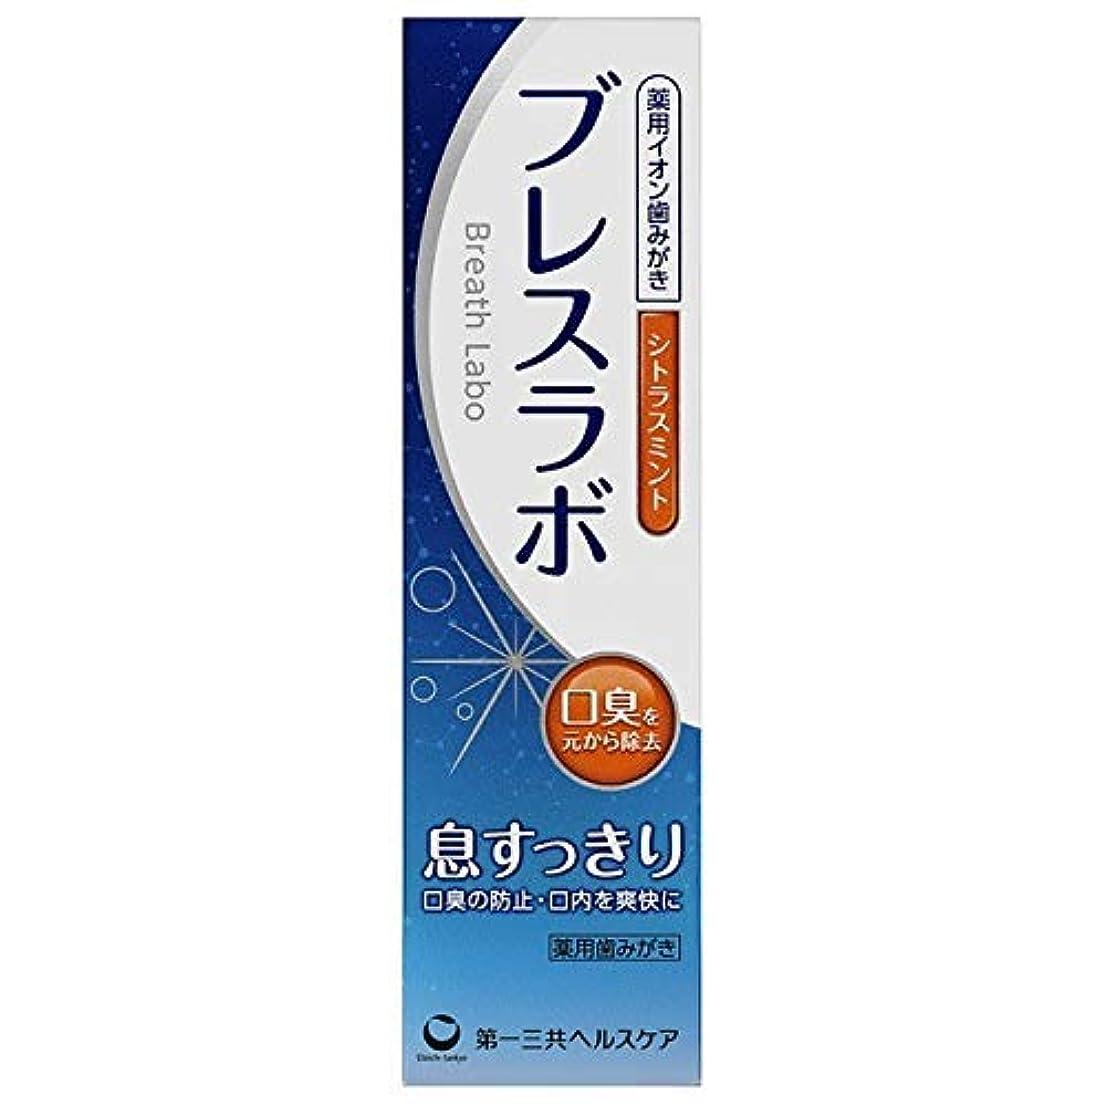 瀬戸際品種ボリューム【6個セット】ブレスラボ シトラスミント 90g